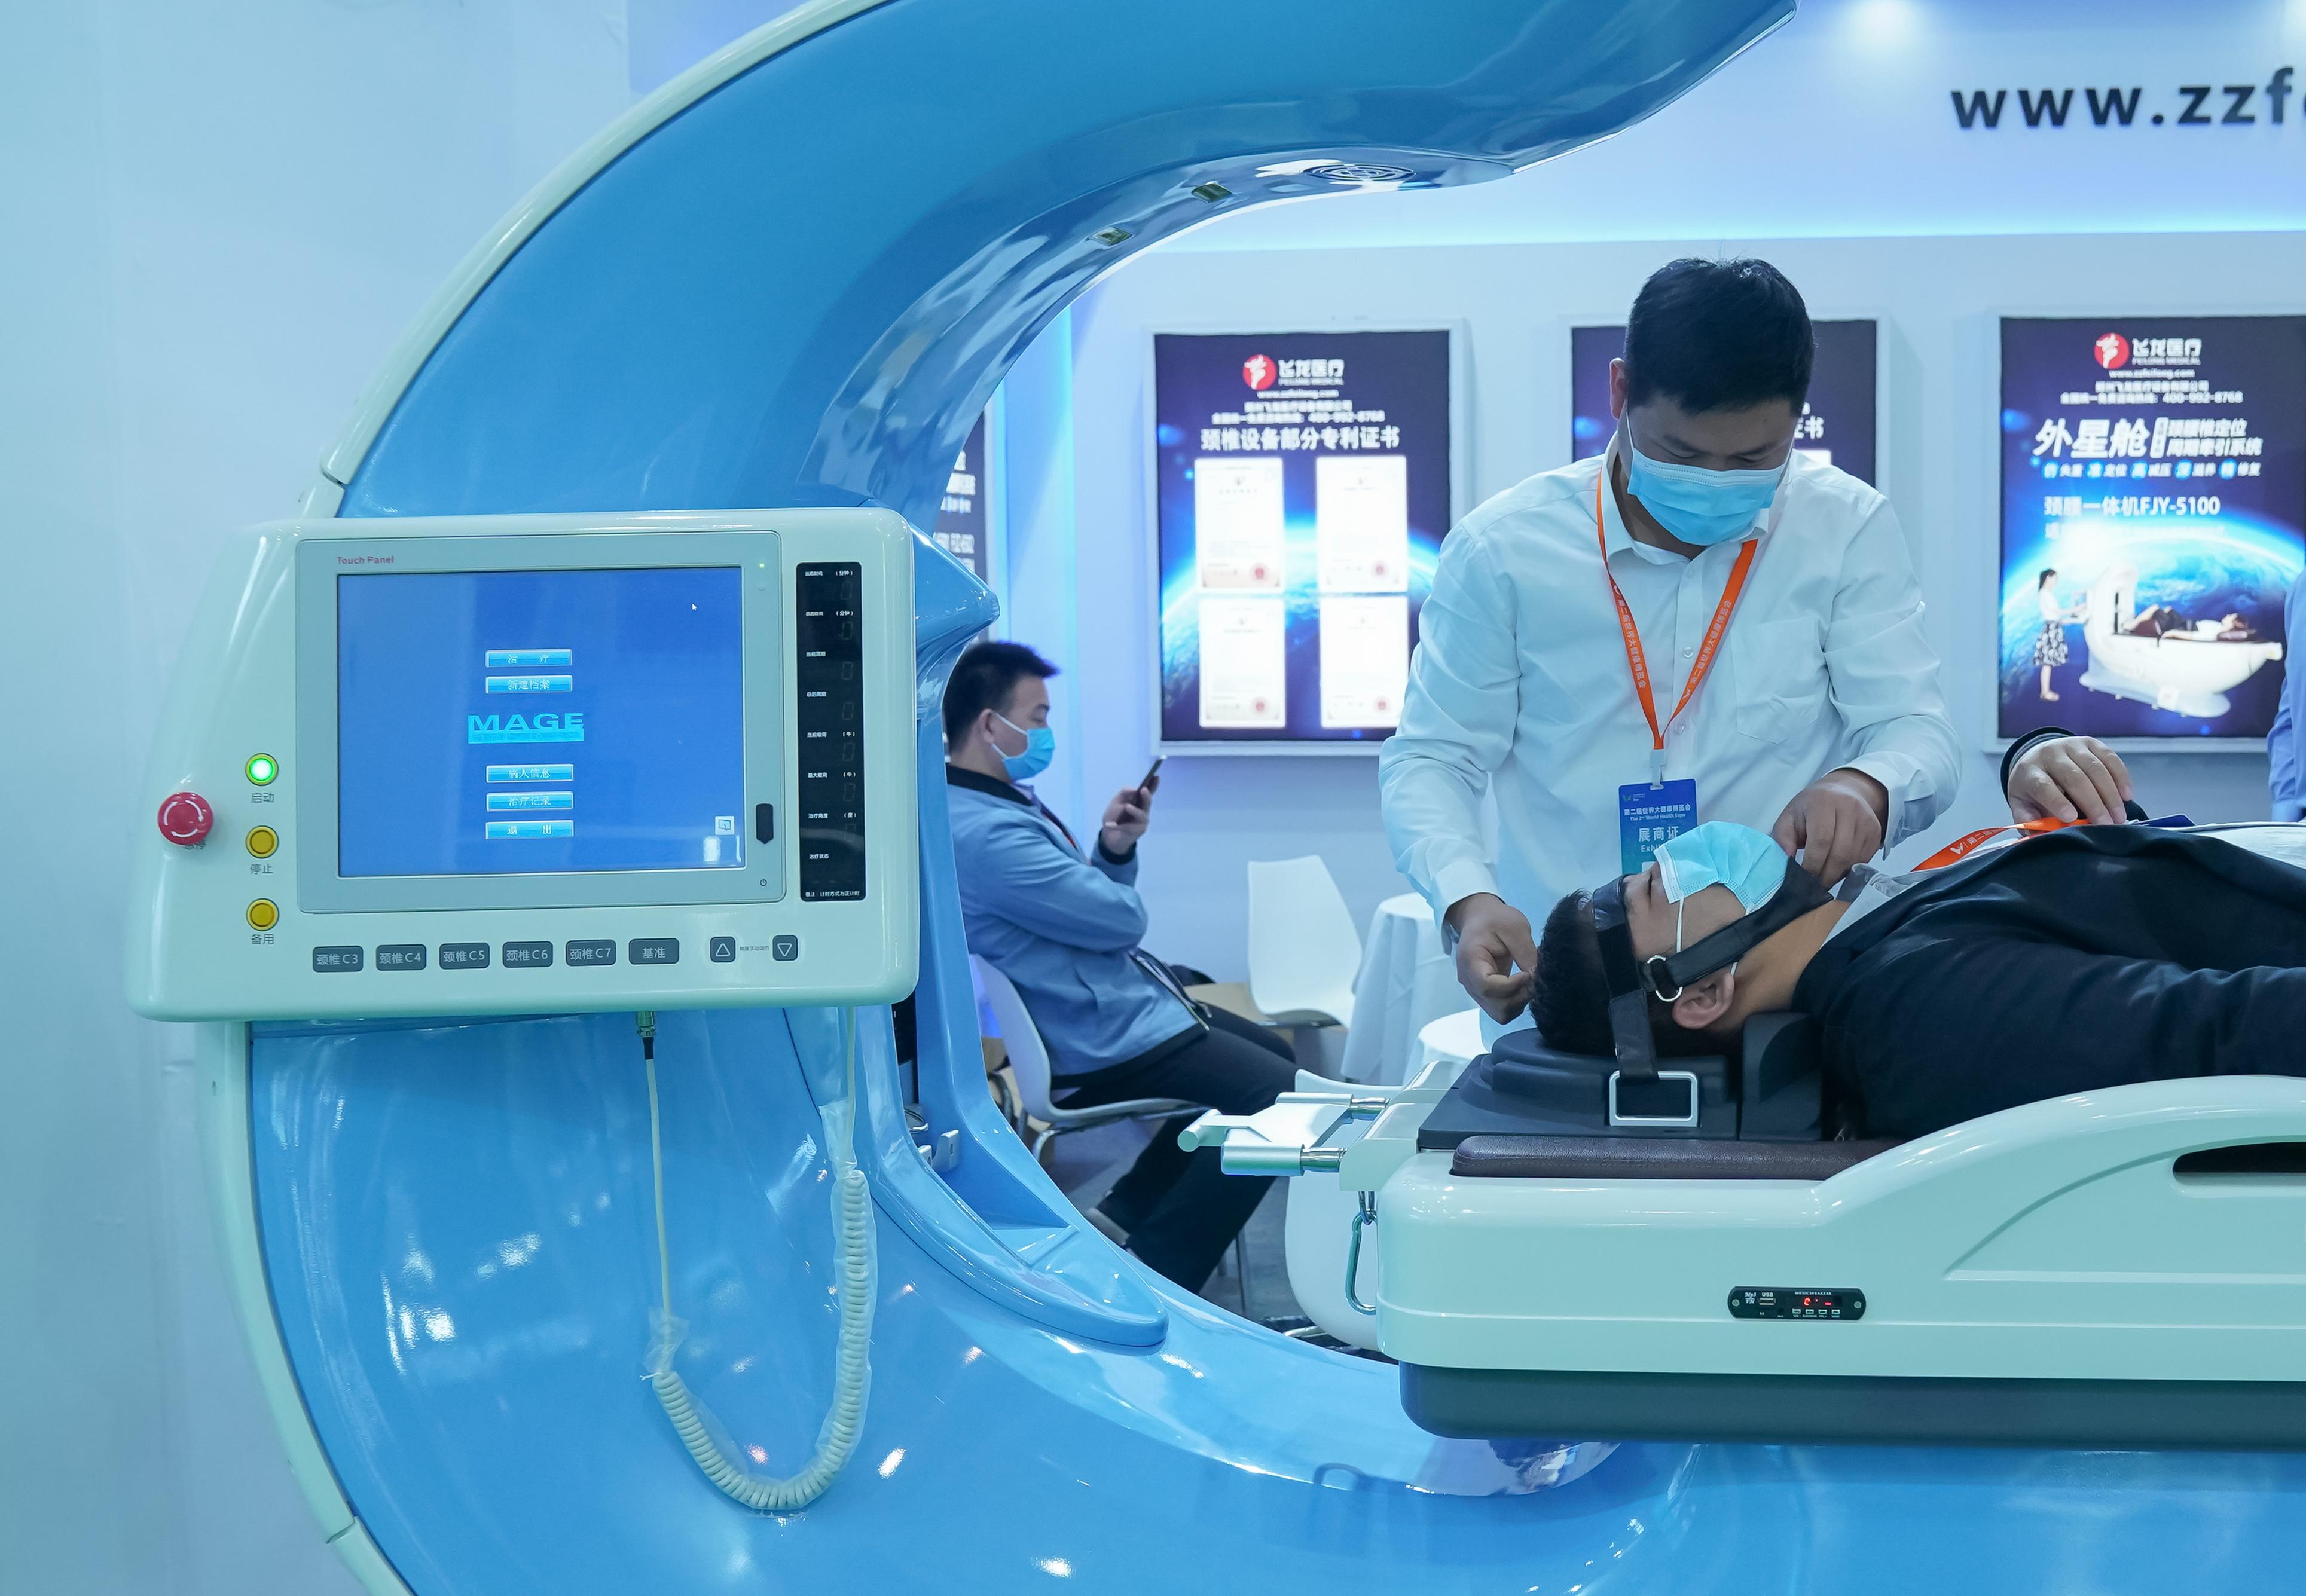 第二届世界大健康博览会在武汉开幕